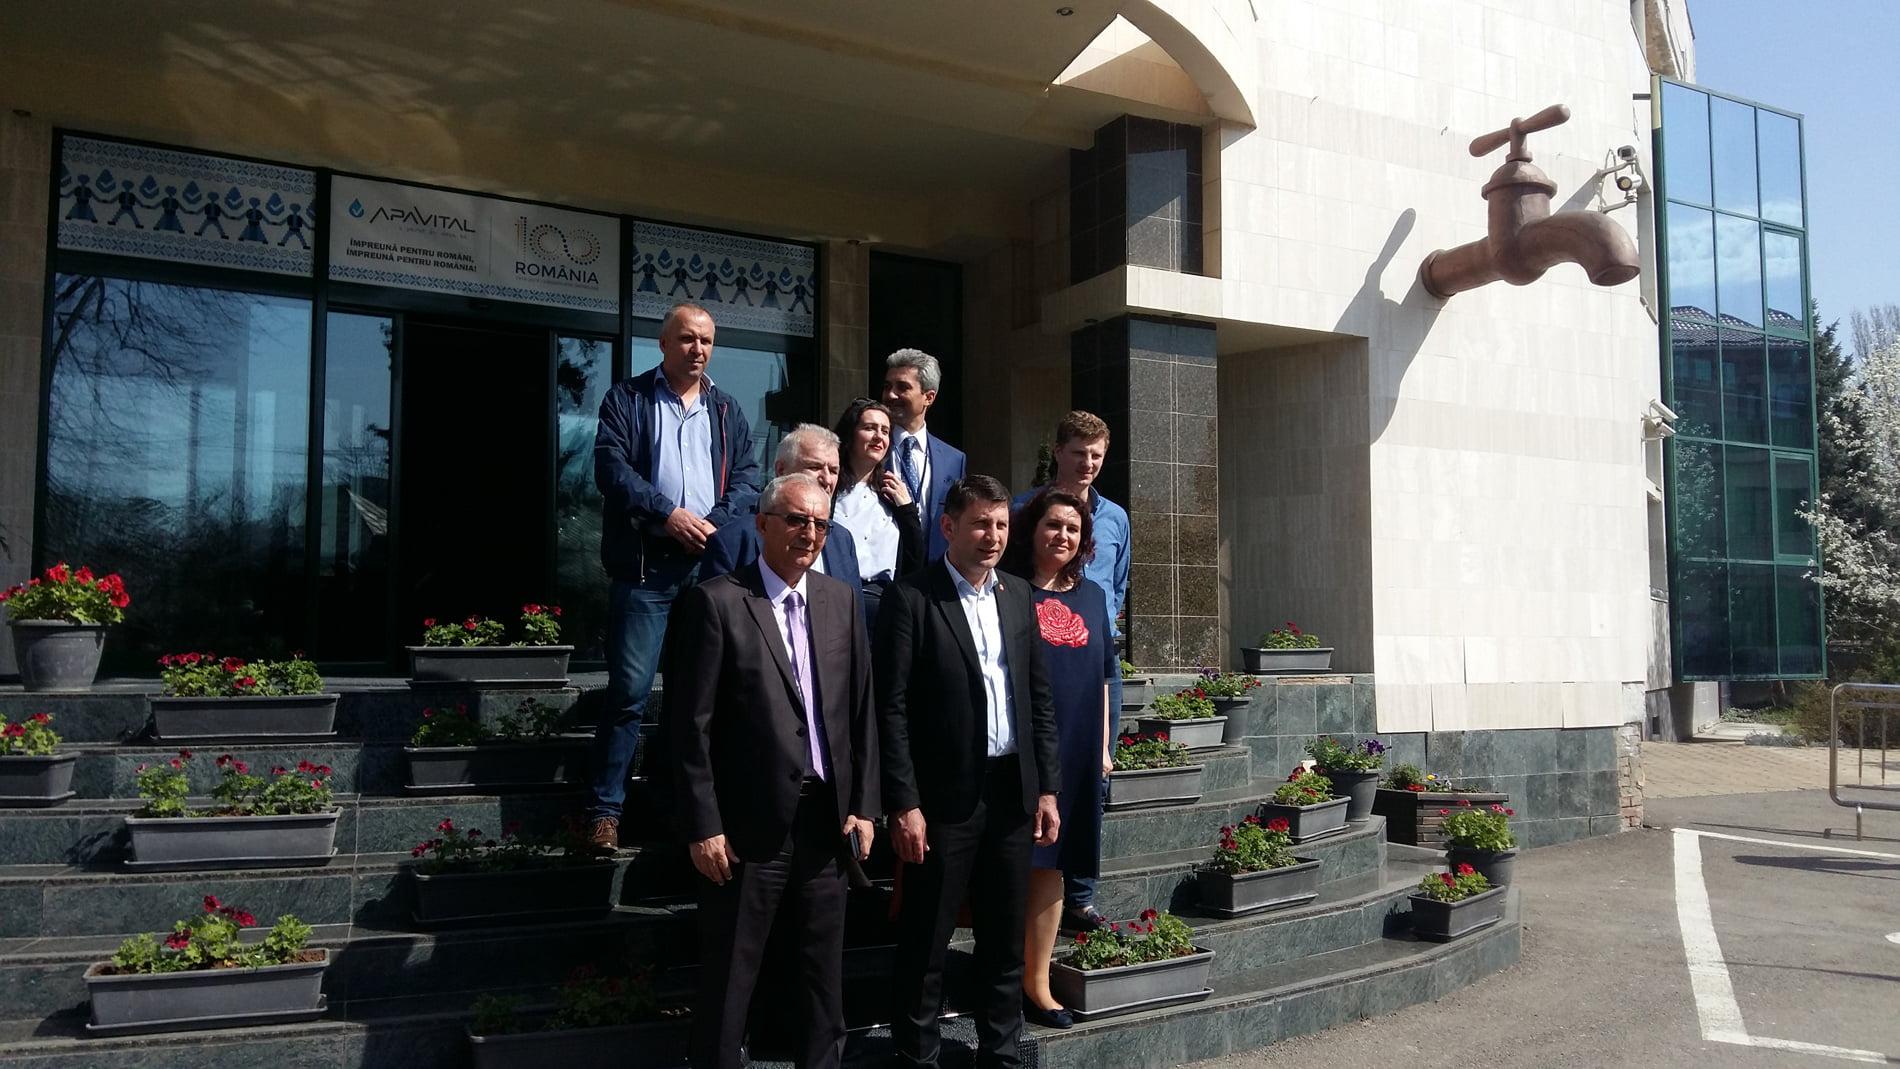 Oferta ApaVital Iași pentru Roman: facturare individuală și plata cofinanțării proiectului european